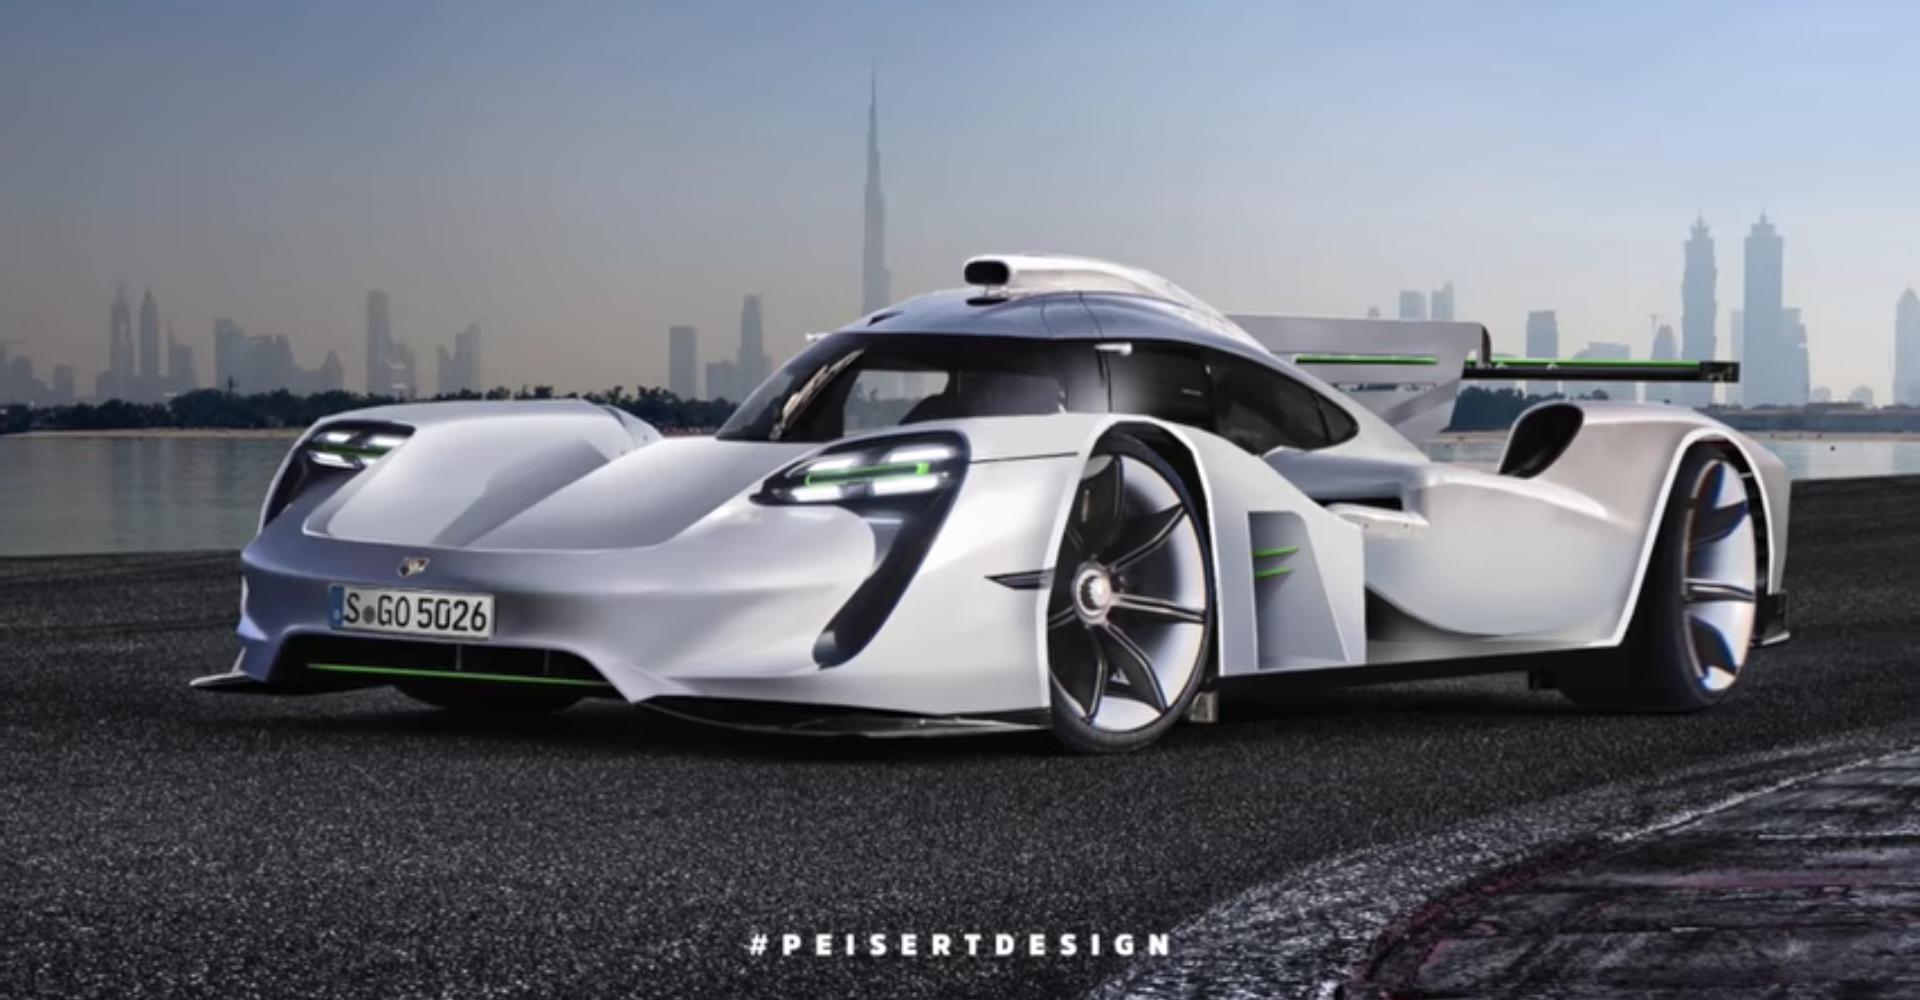 Here's How You Make A Futuristic Porsche Render